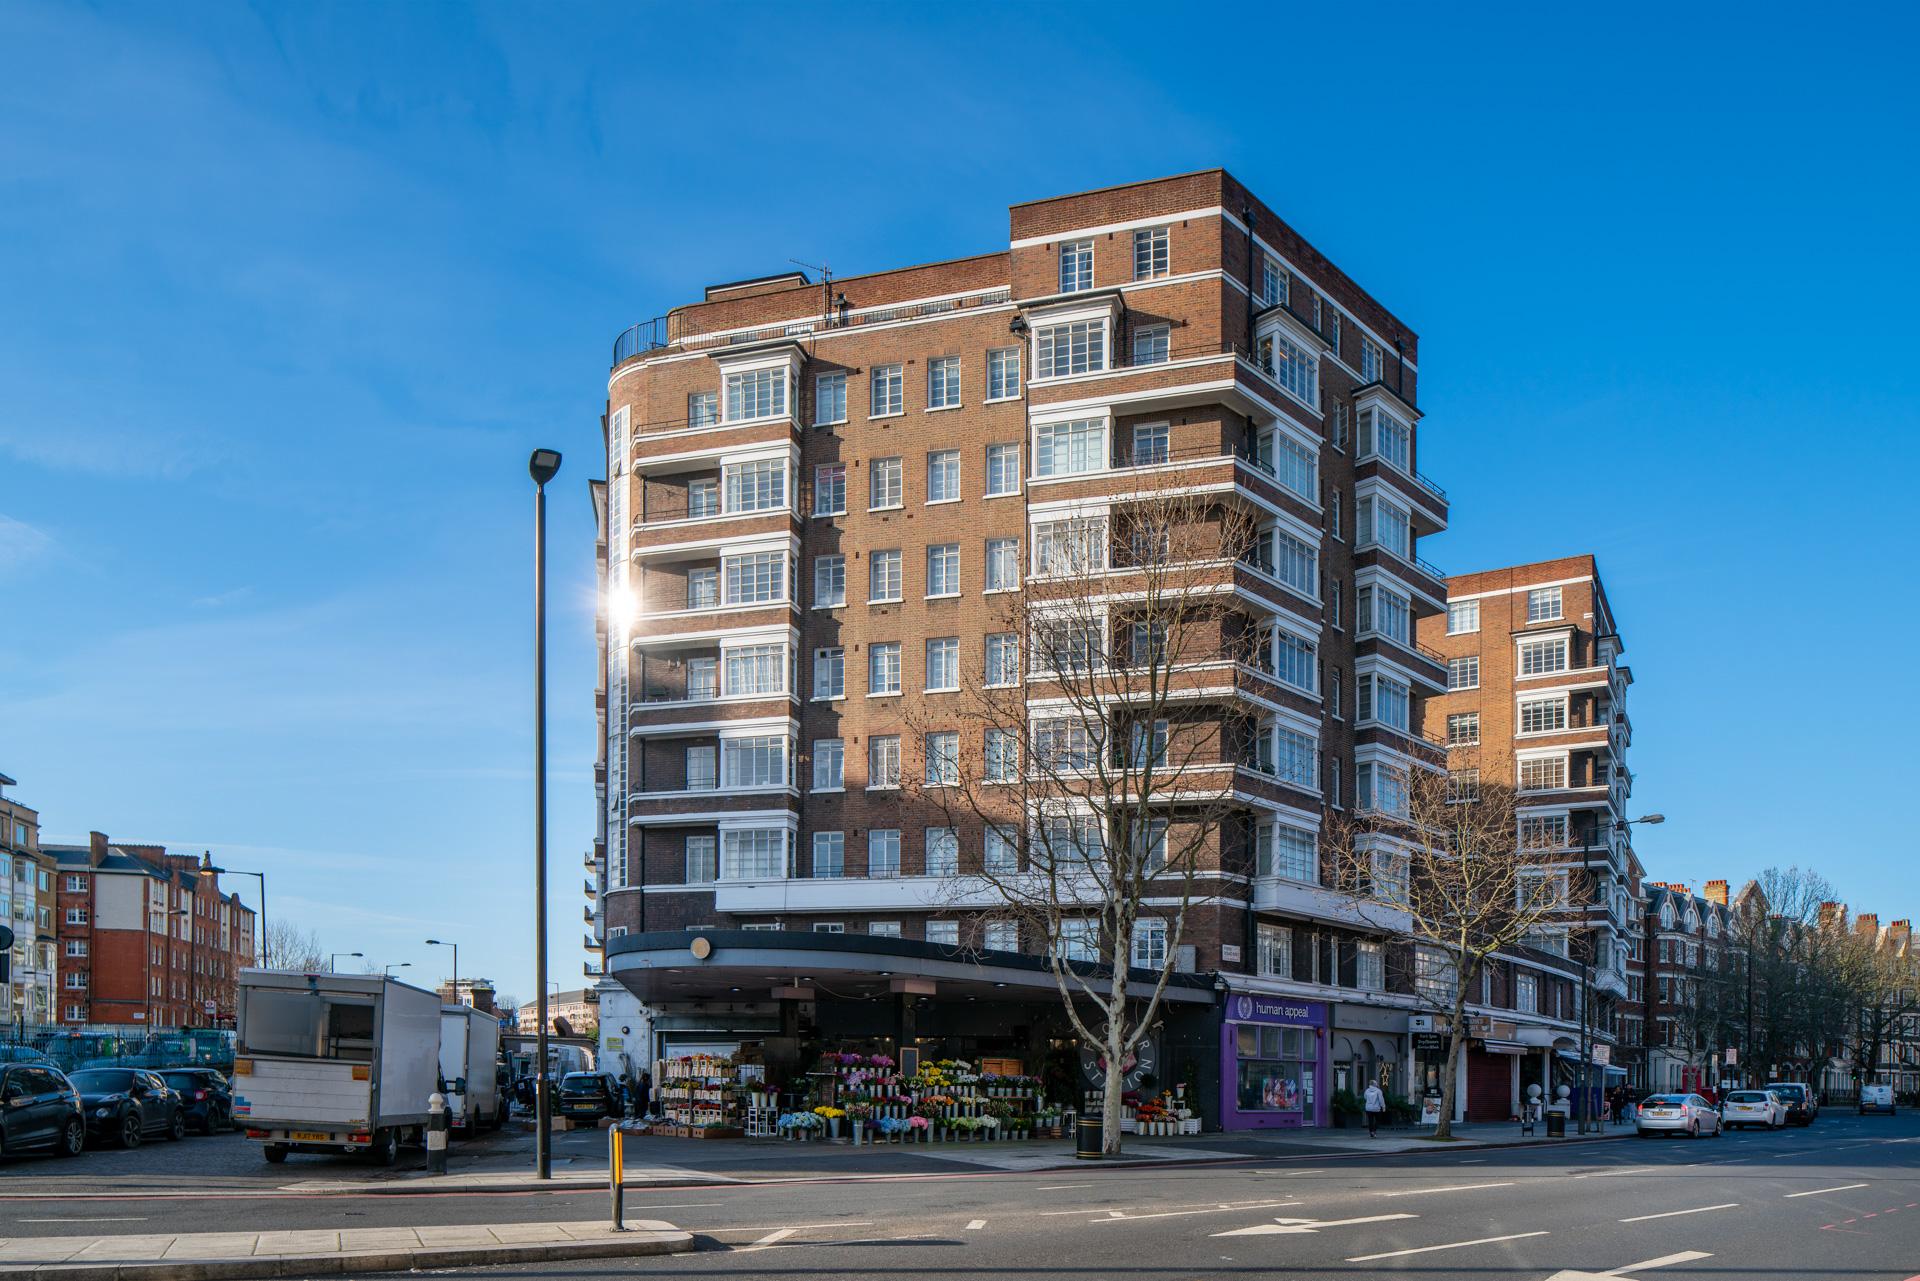 Rossmore Court, Park Road, Regents Park, NW1